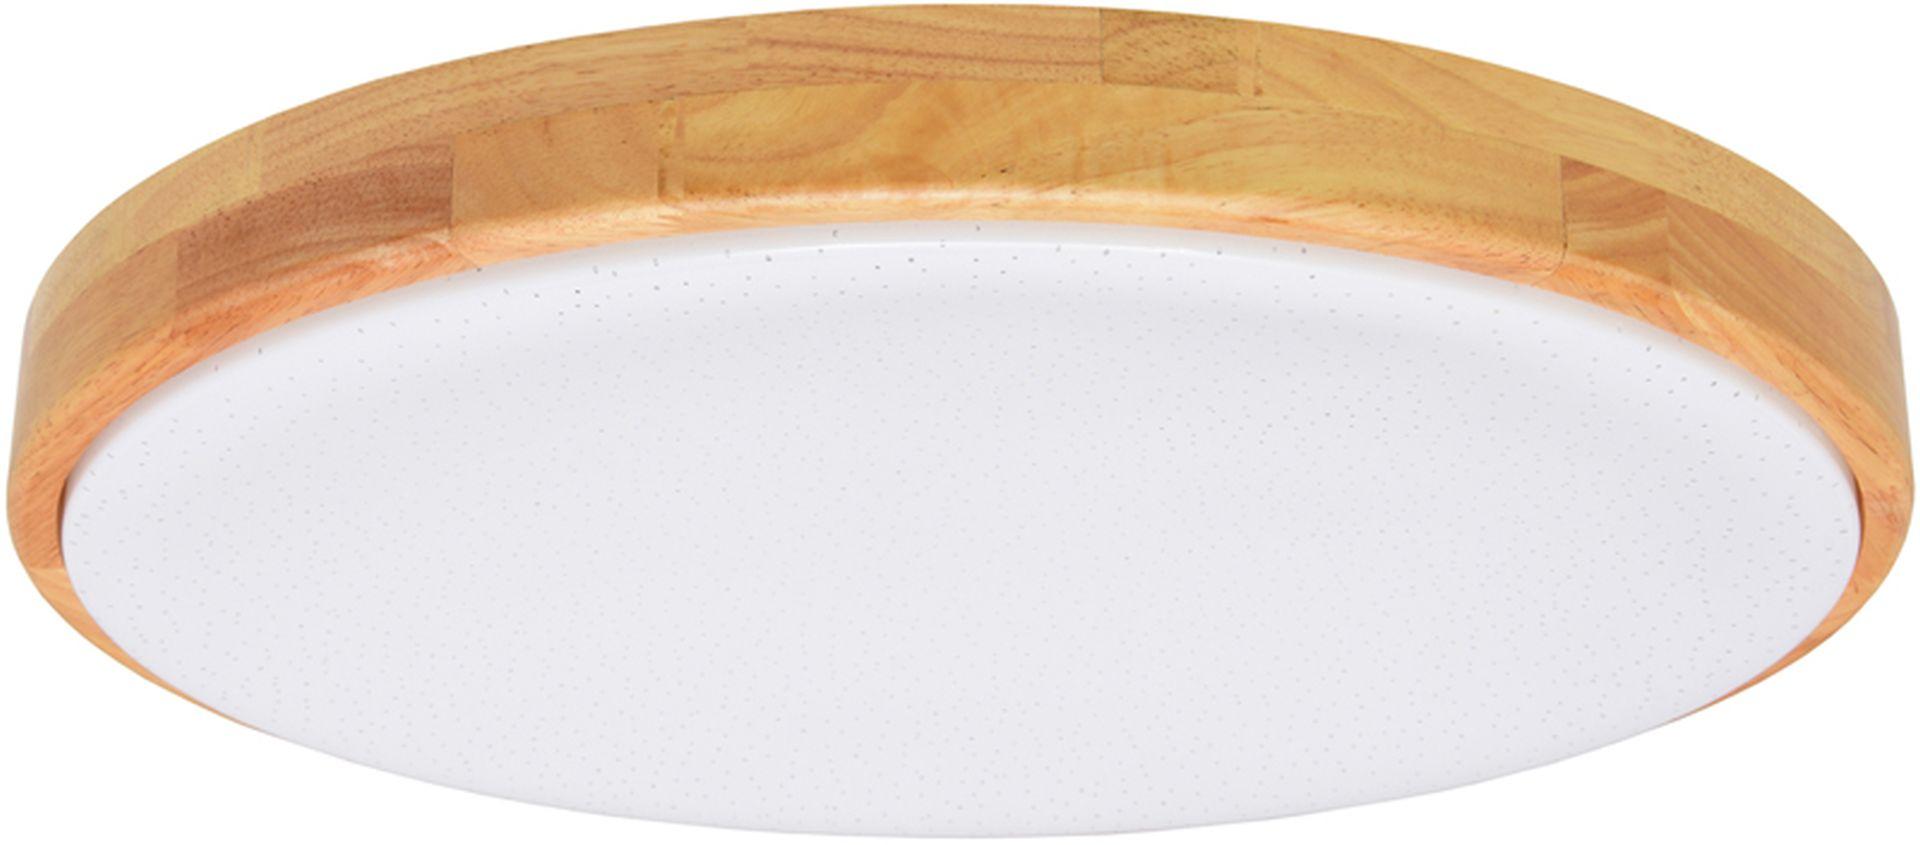 Ecolite LED stropné svietidlo 60W so svetlým dreveným rámčekom WLD500-60W/LED/SD